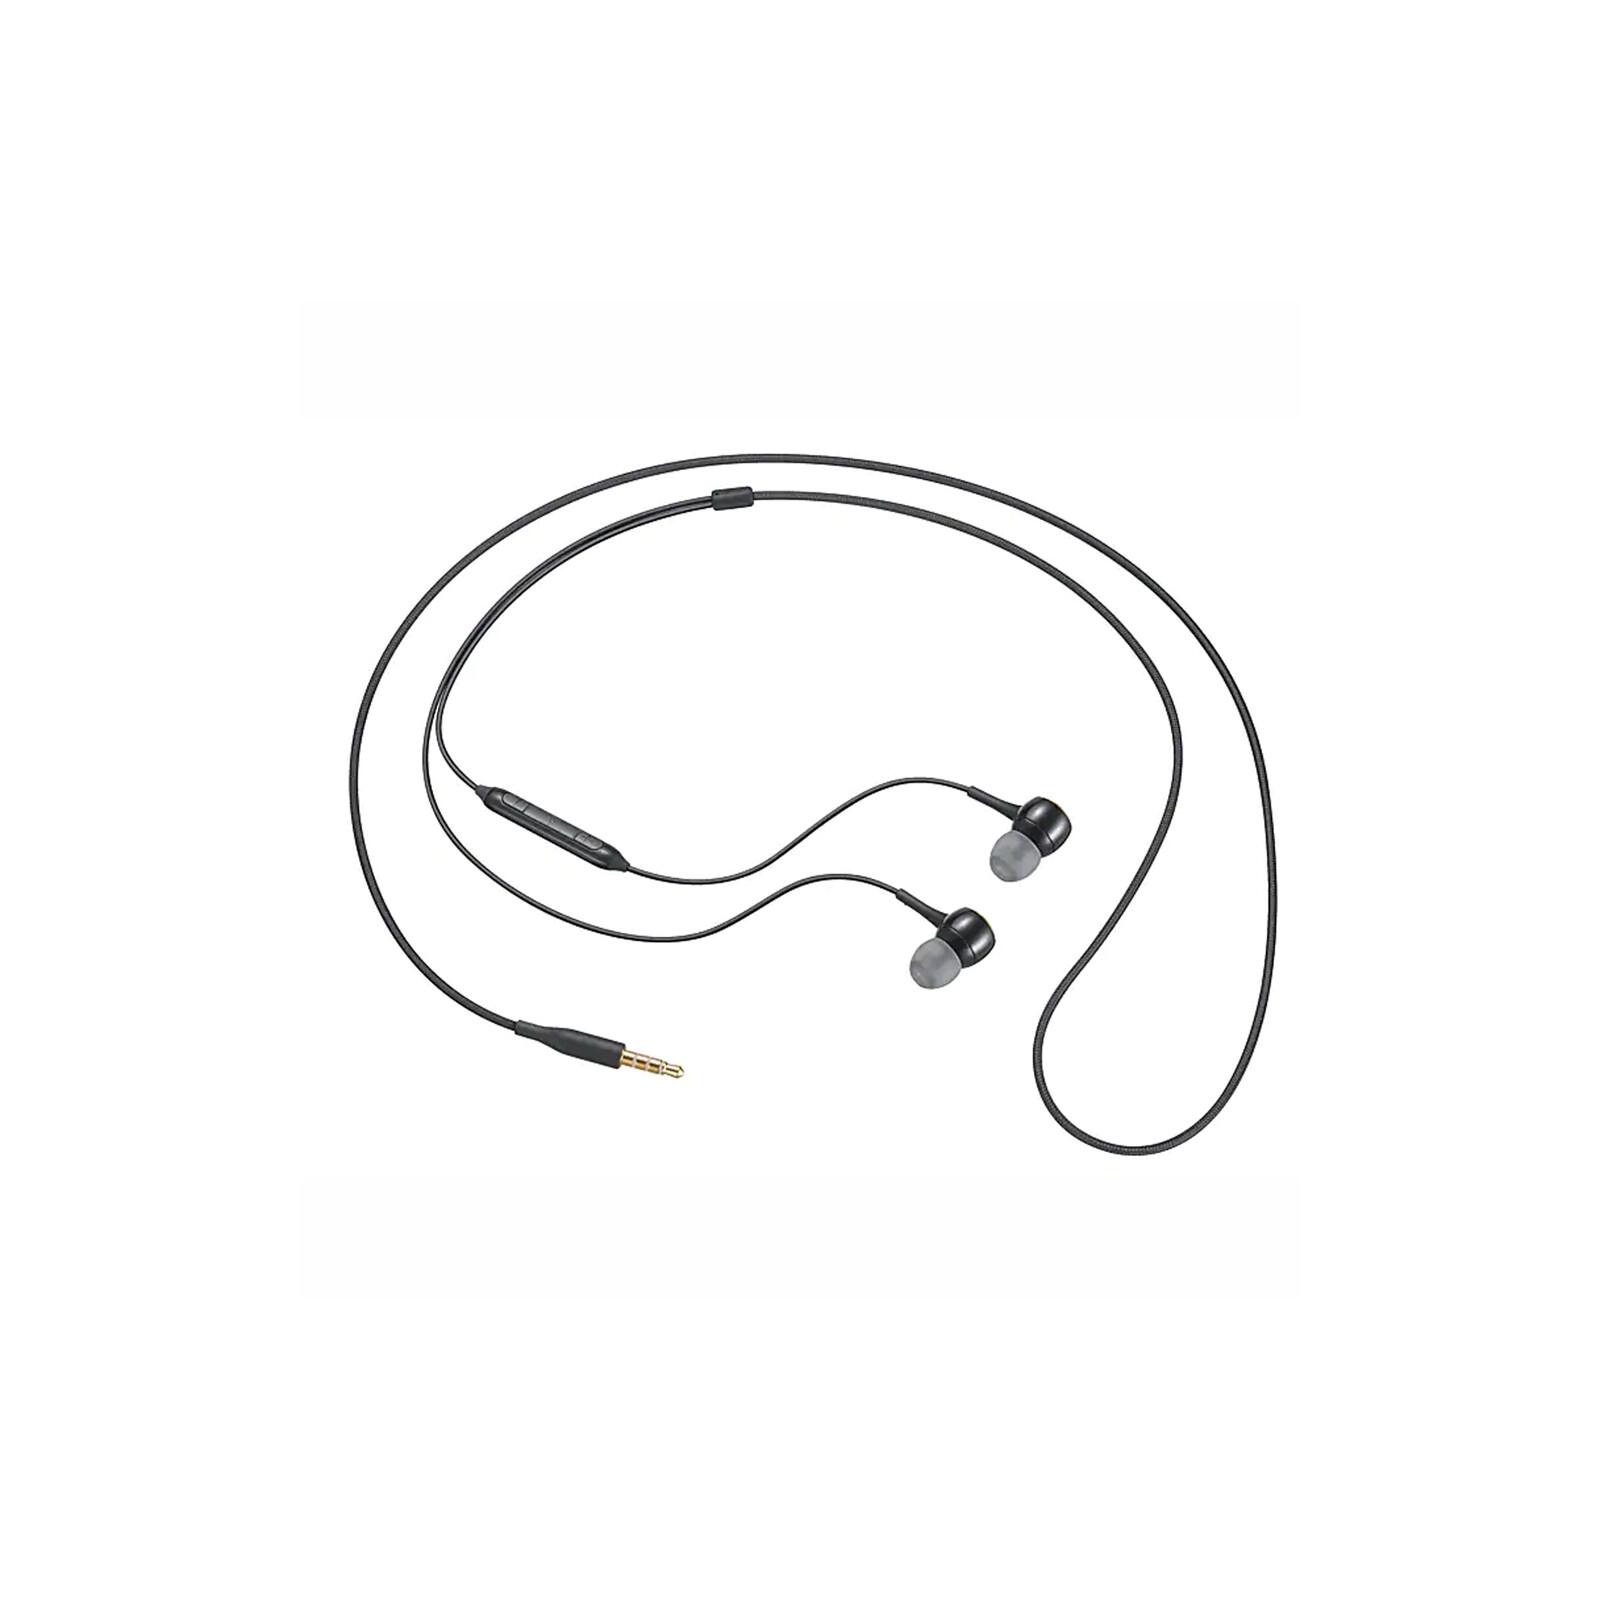 Samsung EO-IG935 Headset schwarz